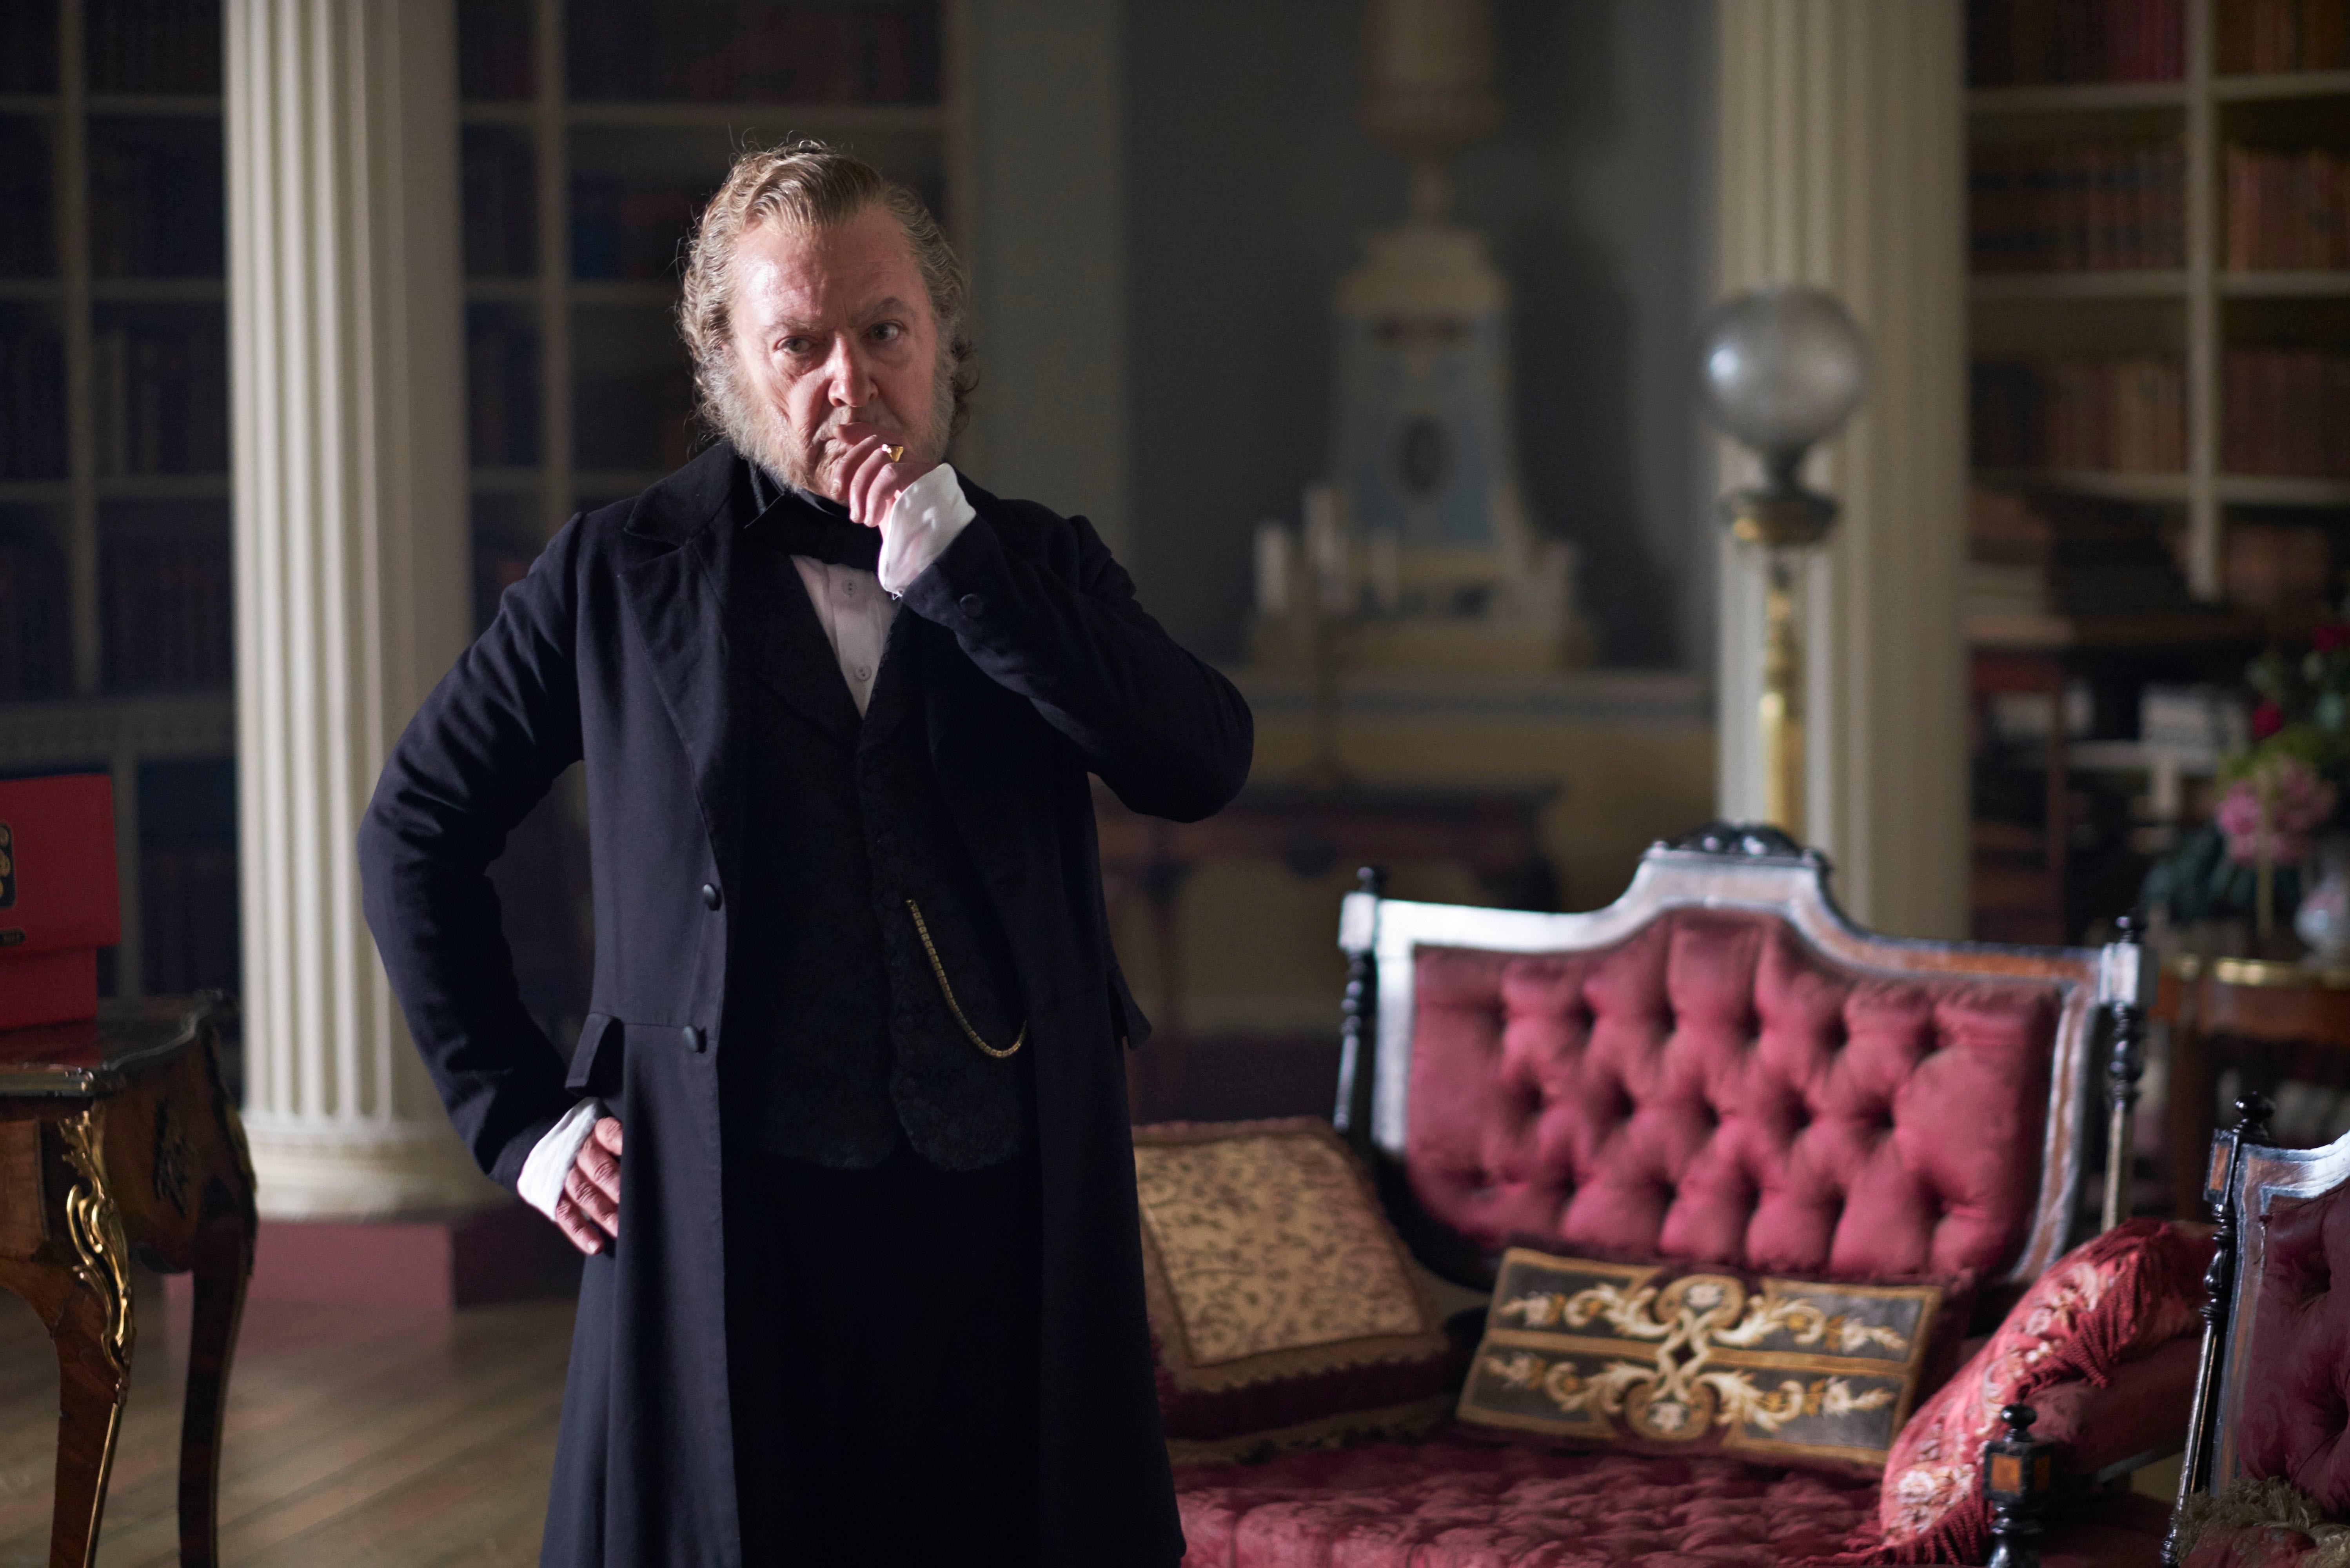 الممثل الكوميدي البريطاني جون سيشنز